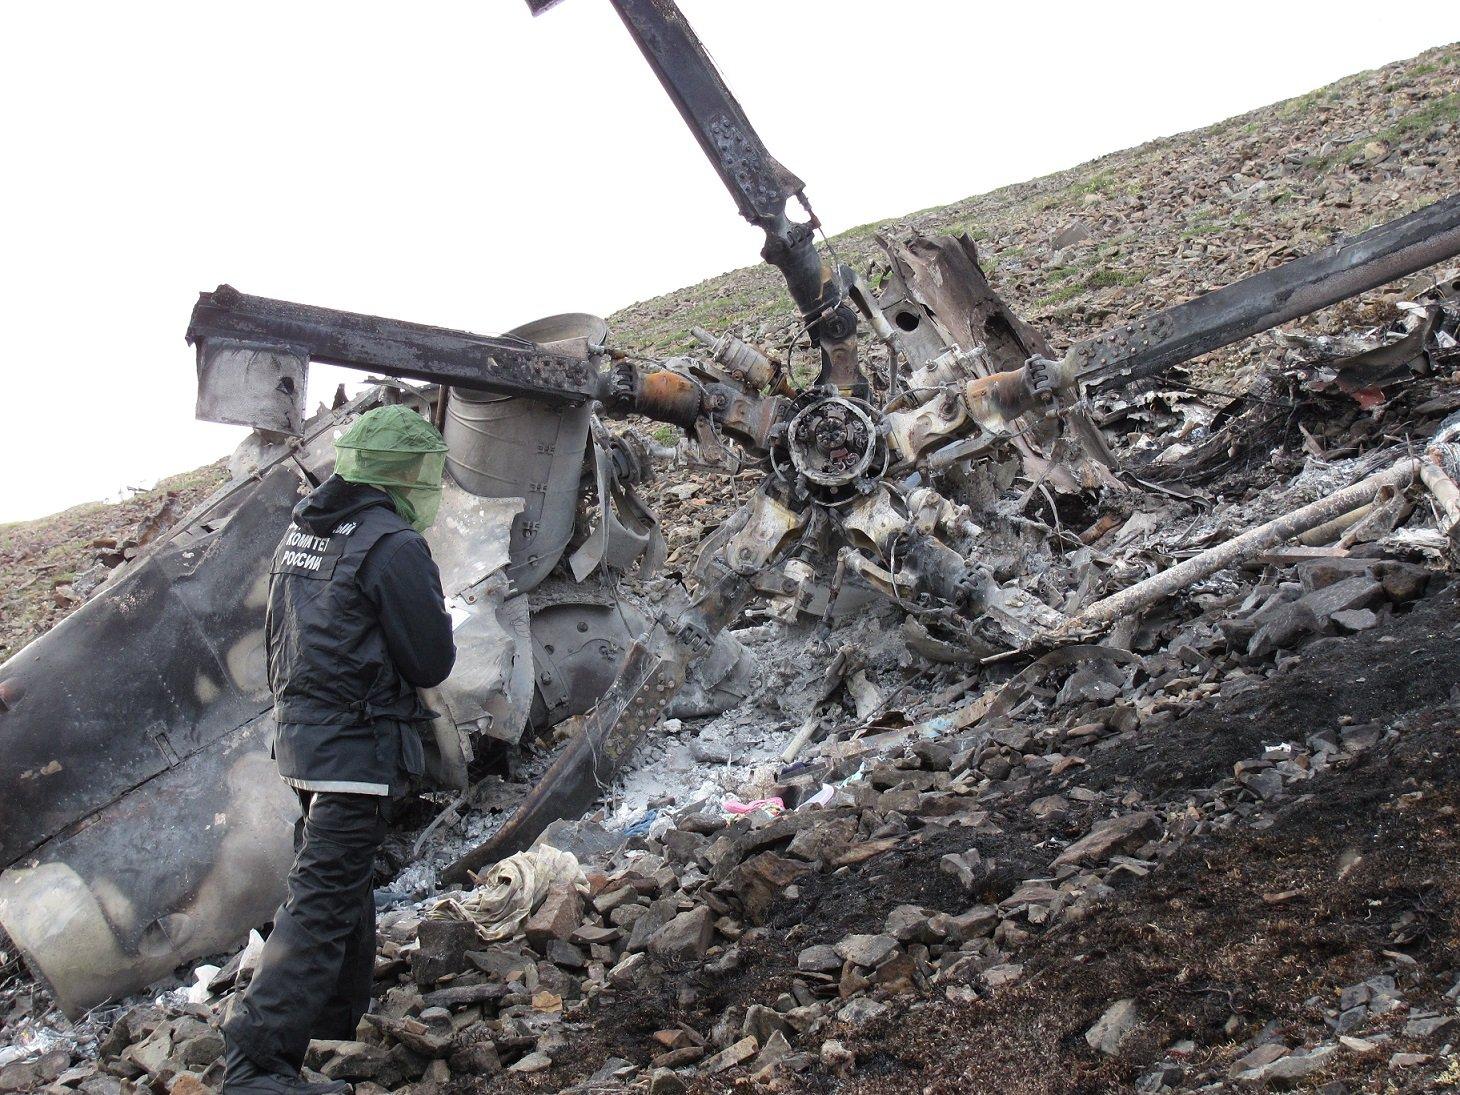 Командир разбившегося в Якутии вертолета приговорен к 6,5 года